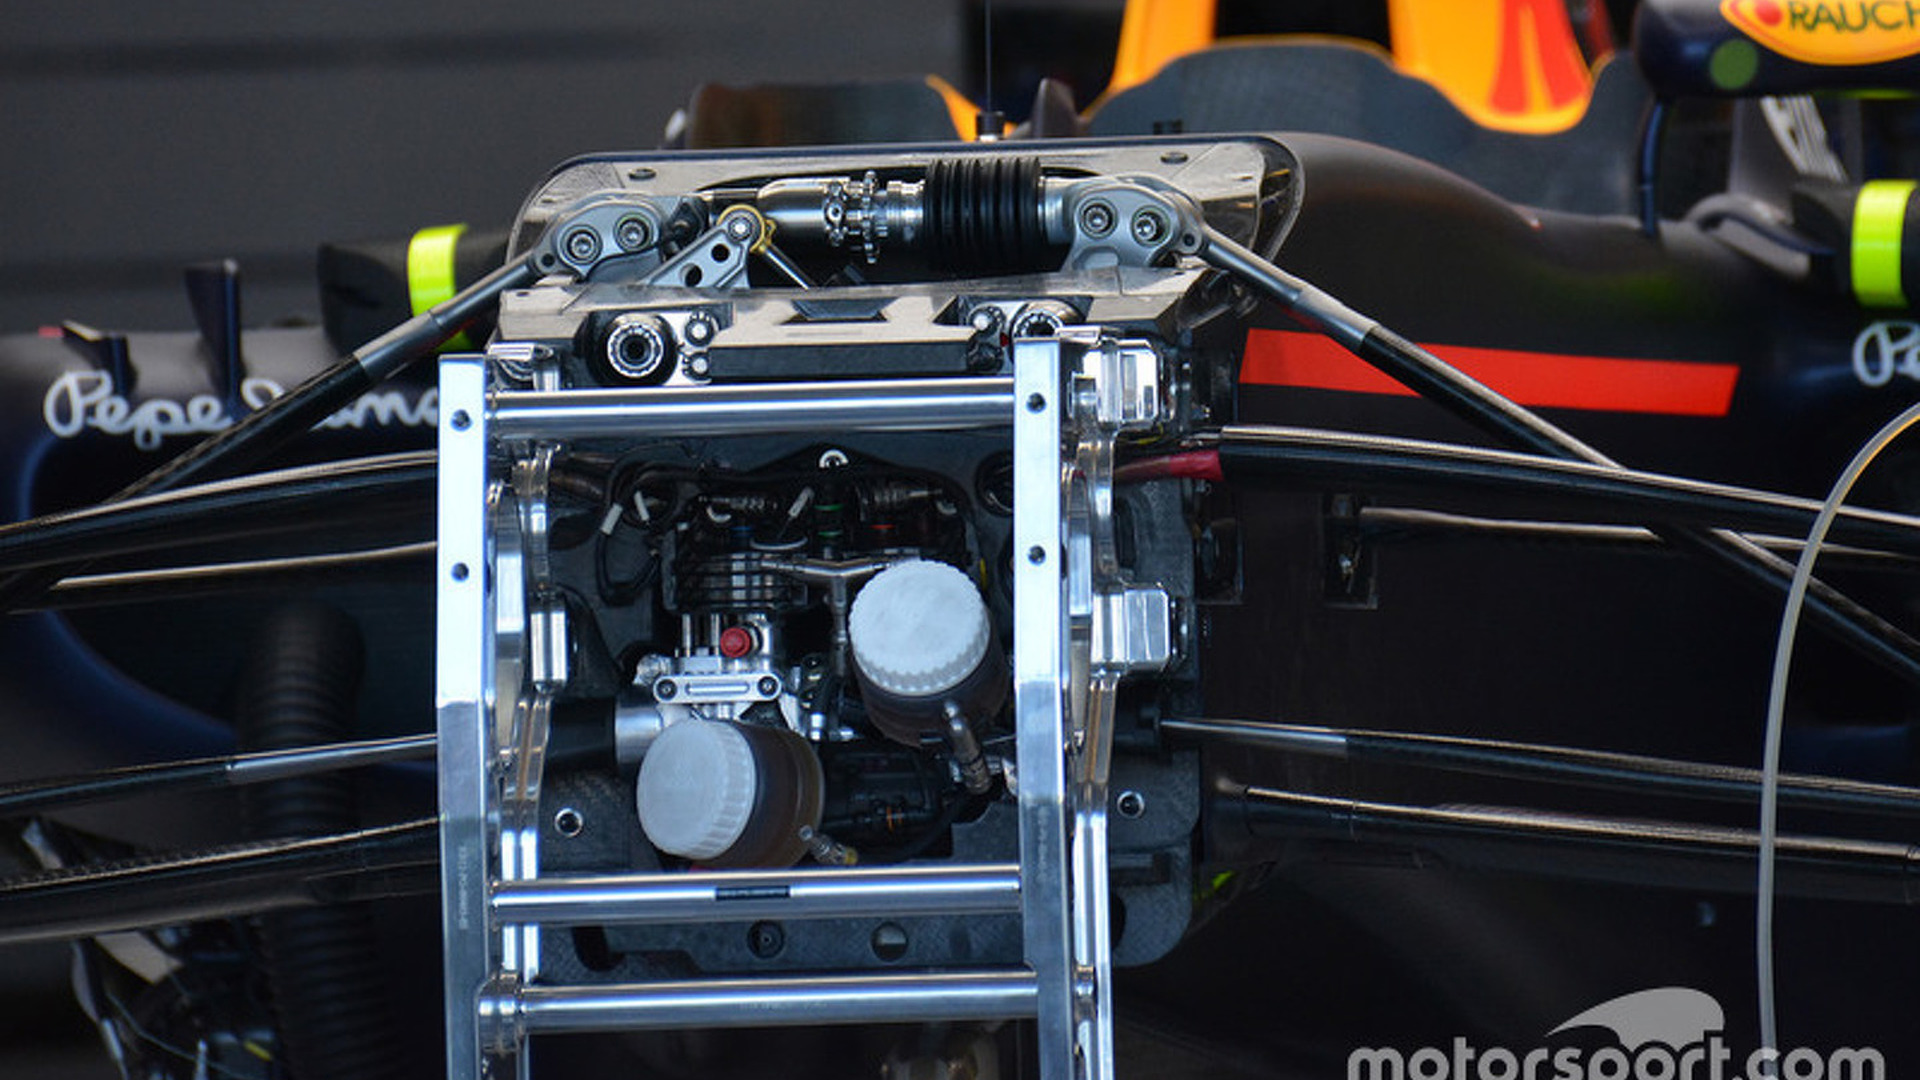 Australian GP: Giorgio Piola gives technical analysis among frontrunners